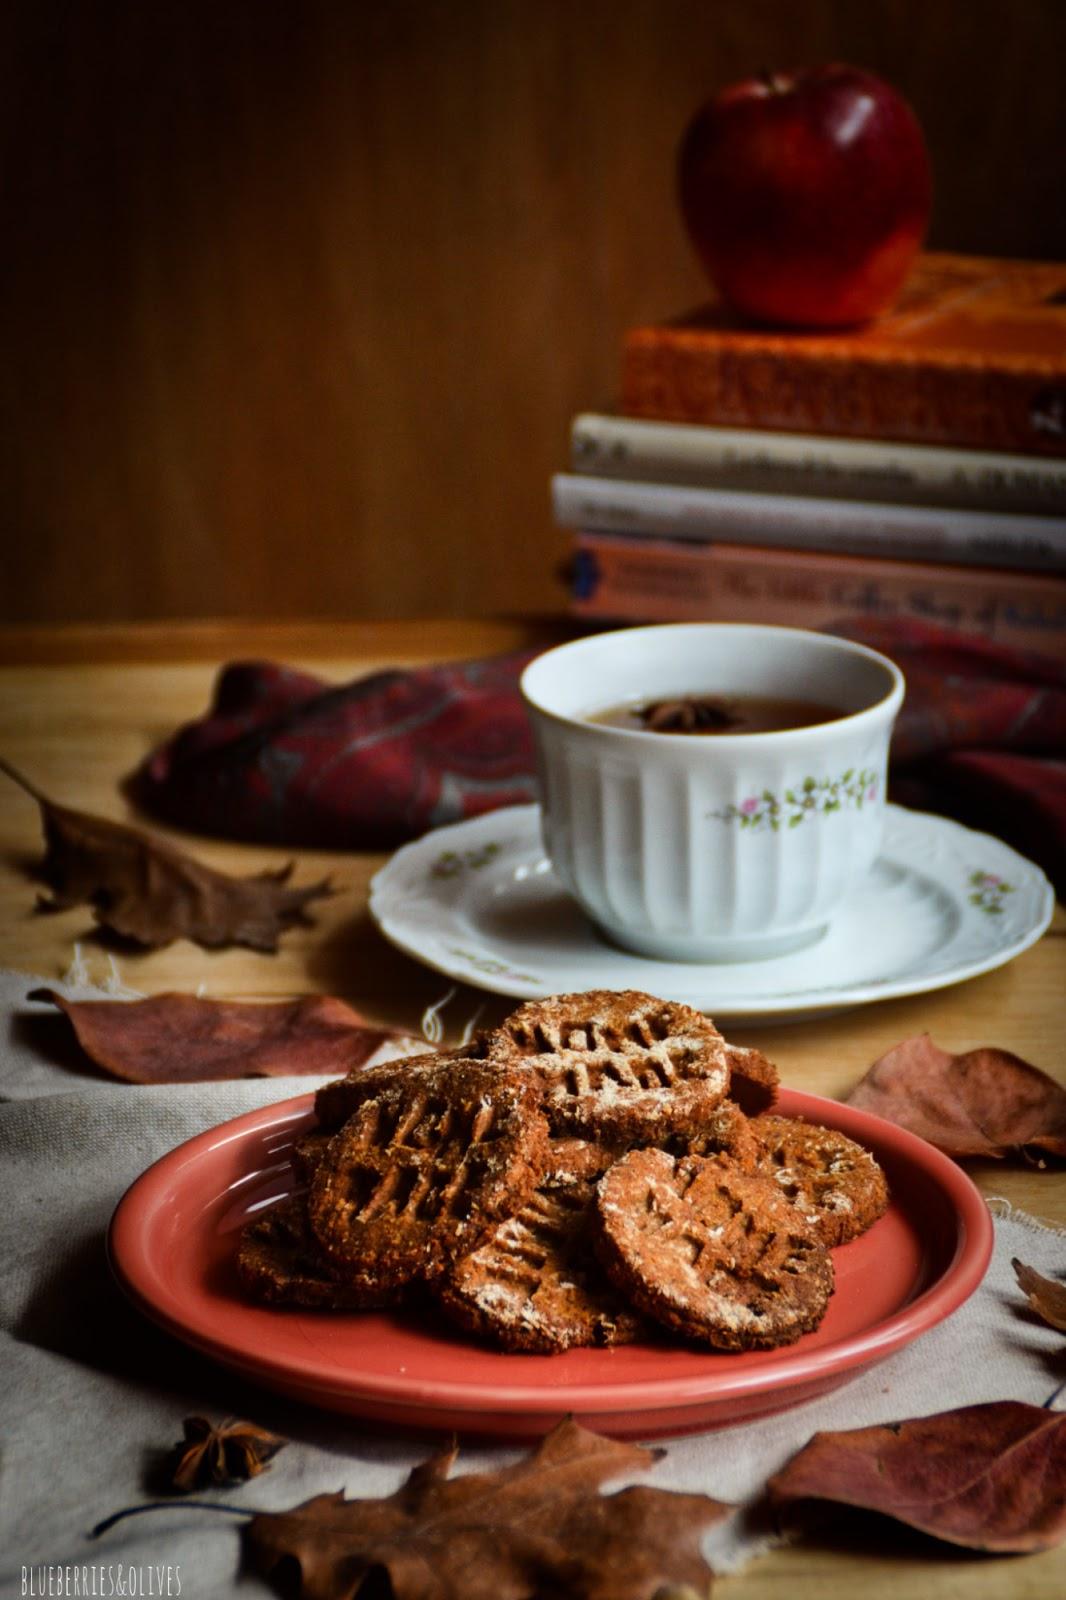 Galletas caseras sobre plato cerámica rojo, fondo madera oscuro, manzanas rojas, hojas secas otoño, paño de lino beige